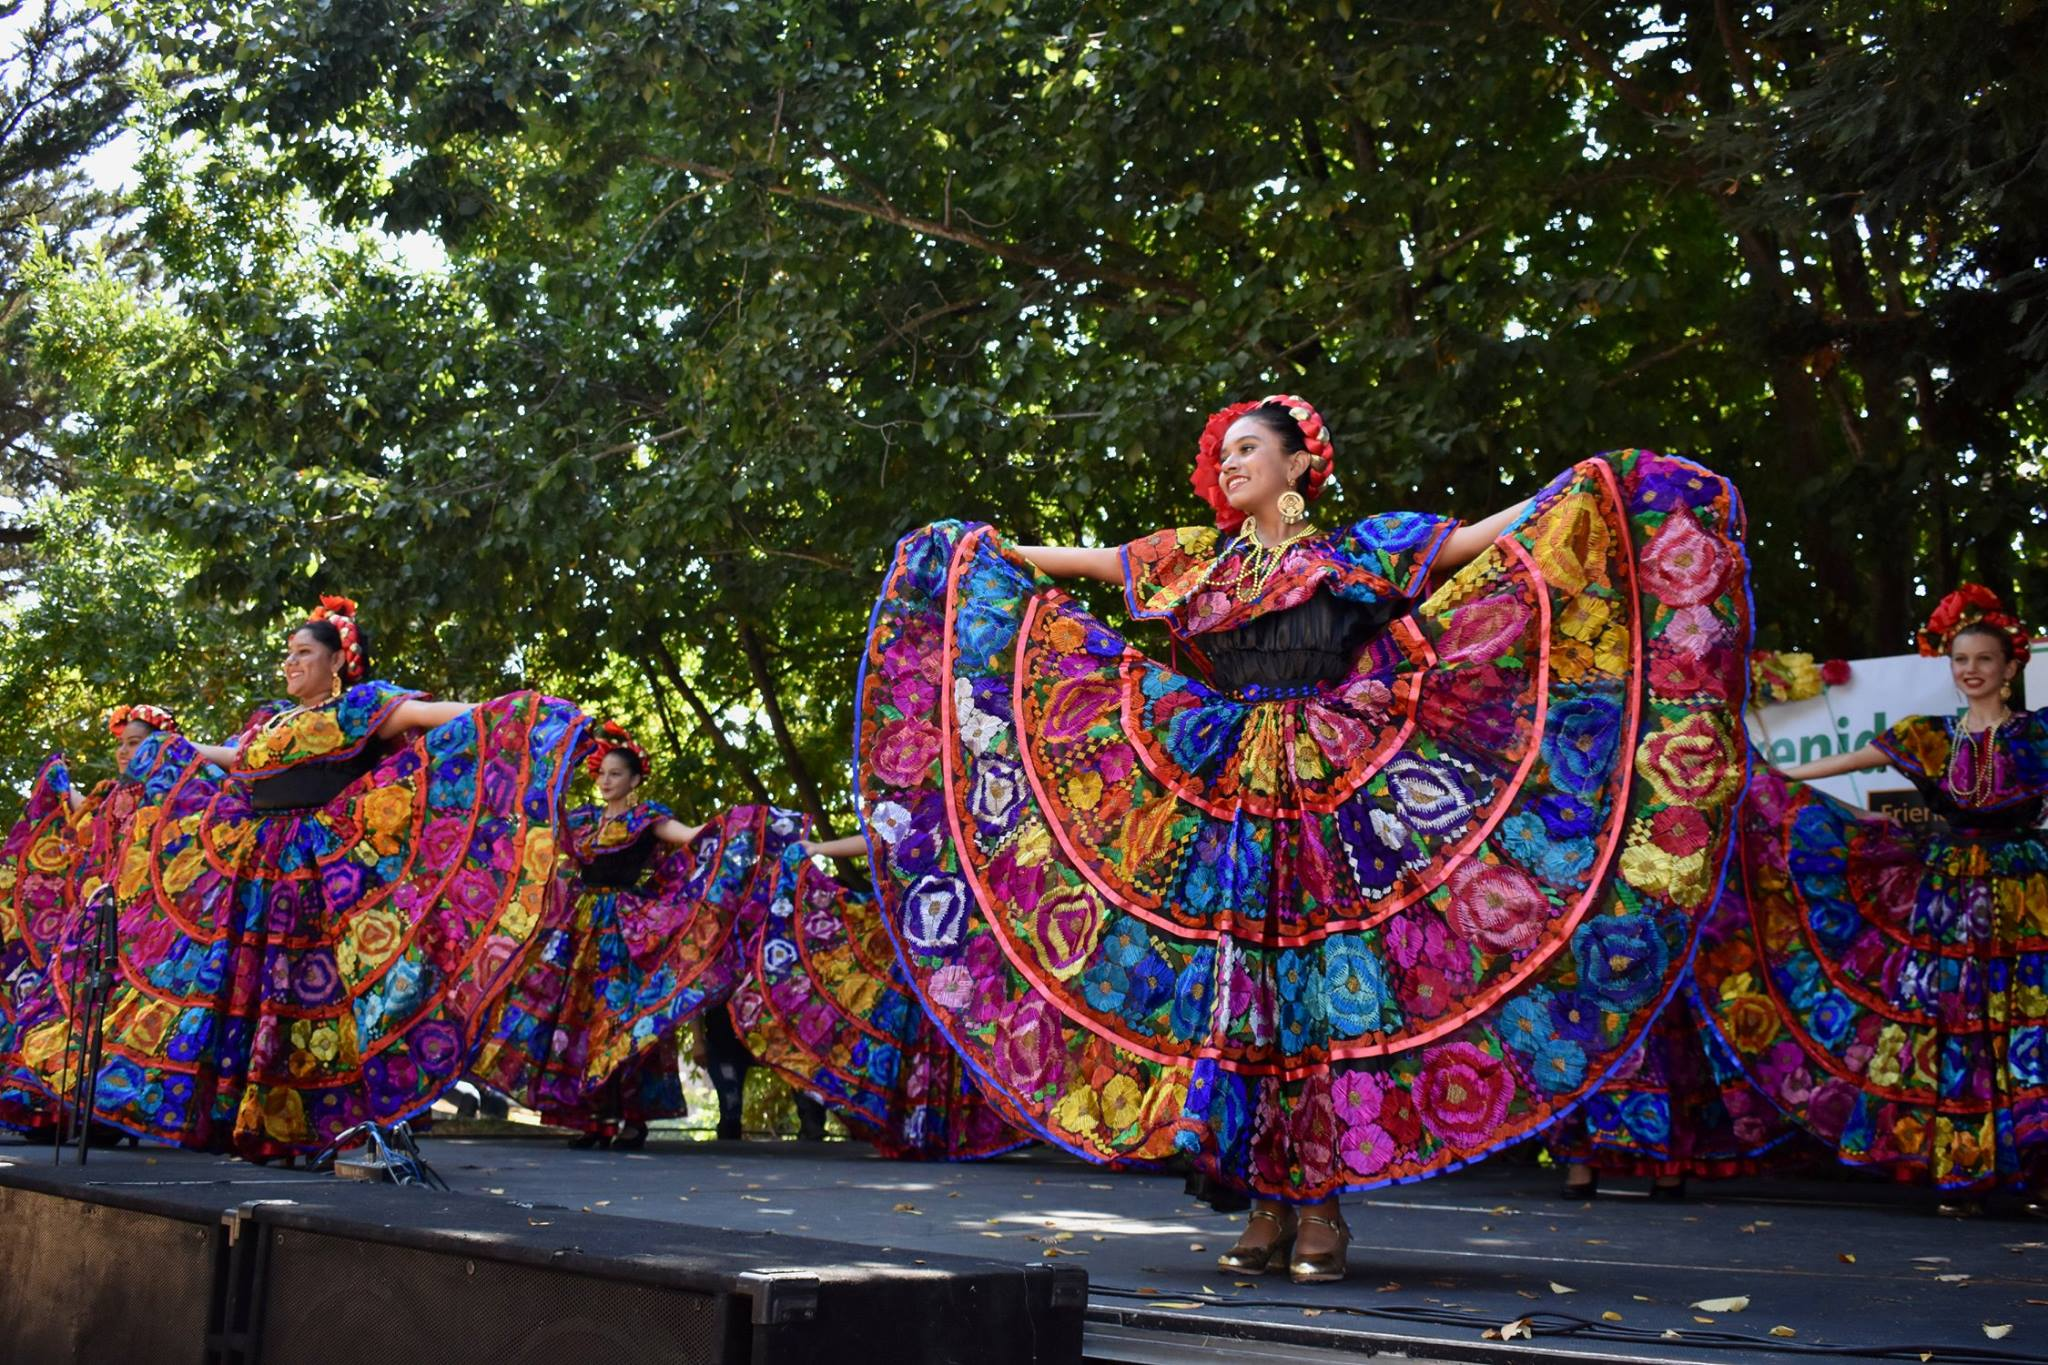 Fairs & Festivals Events   San Francisco - Funcheap